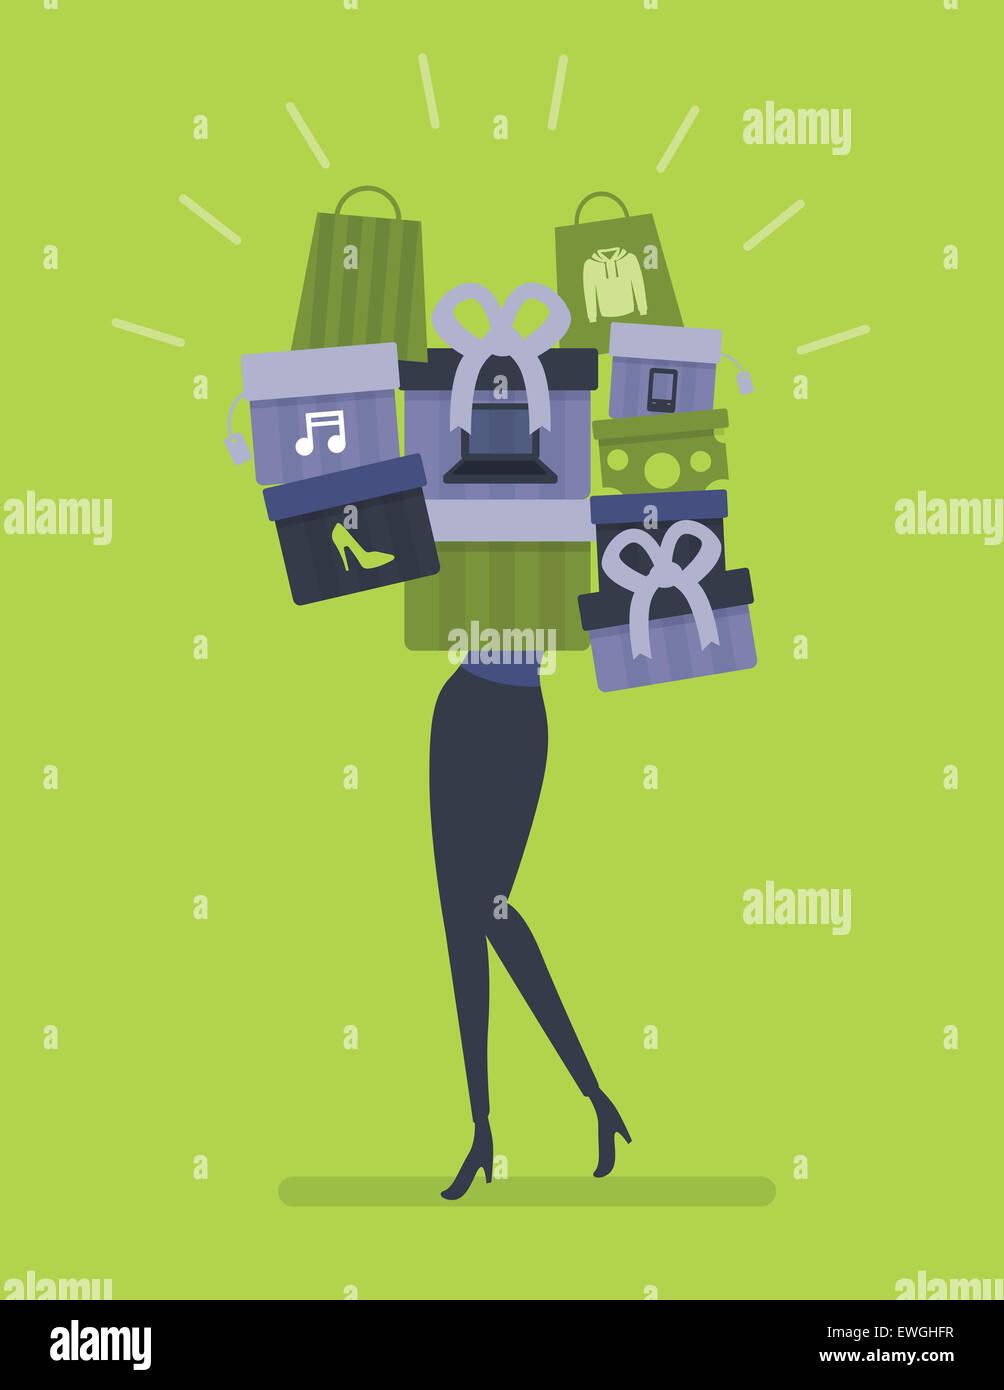 Illustration libre de femme plus shopping Photo Stock